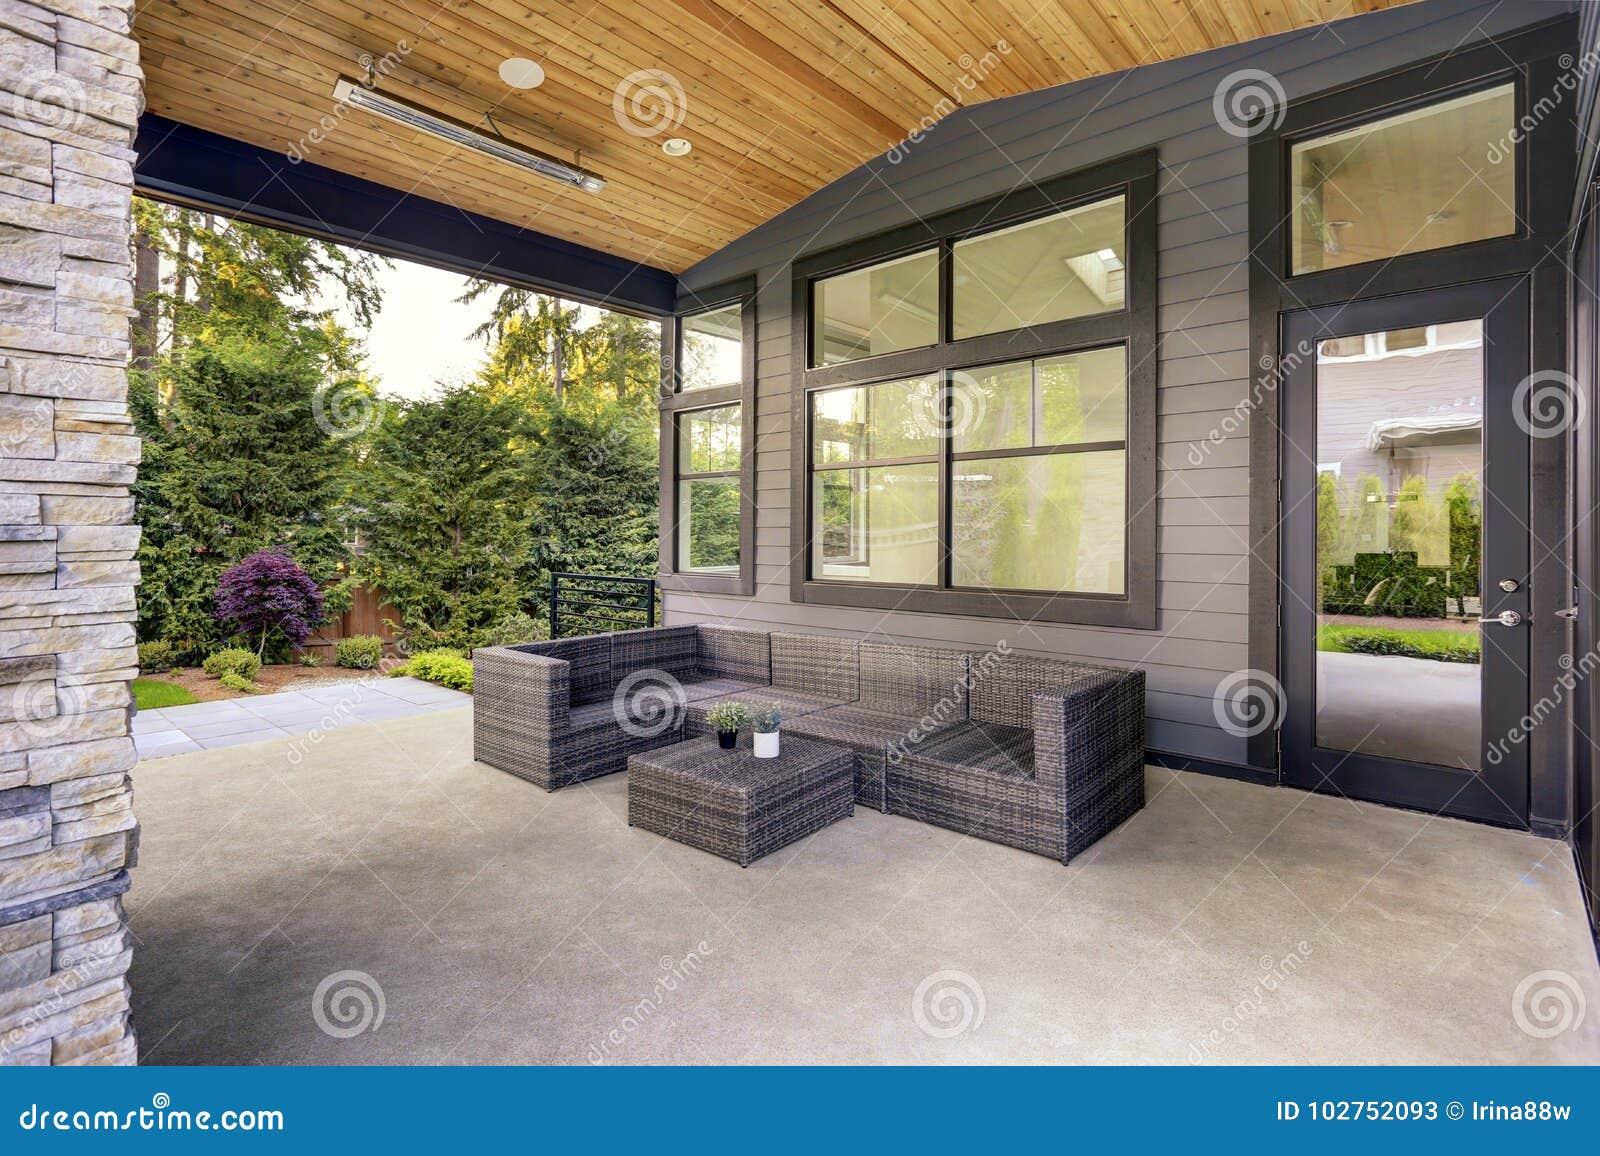 Maison Moderne Avec Patio Interieur la nouvelle maison moderne comporte une arrière-cour avec le